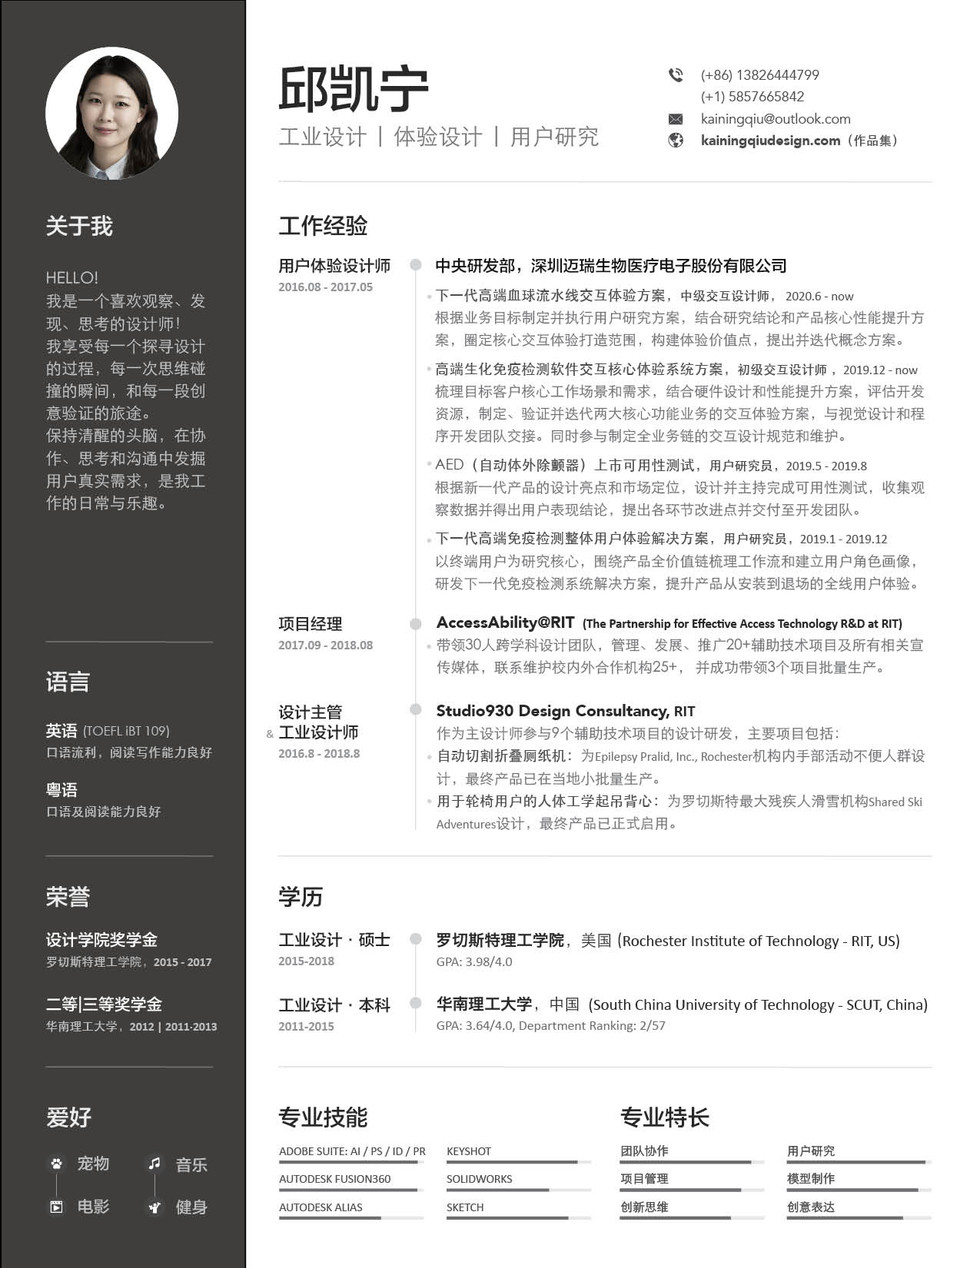 邱凯宁_工业设计| 体验设计|用户研究_简历_2020_中文.jpg